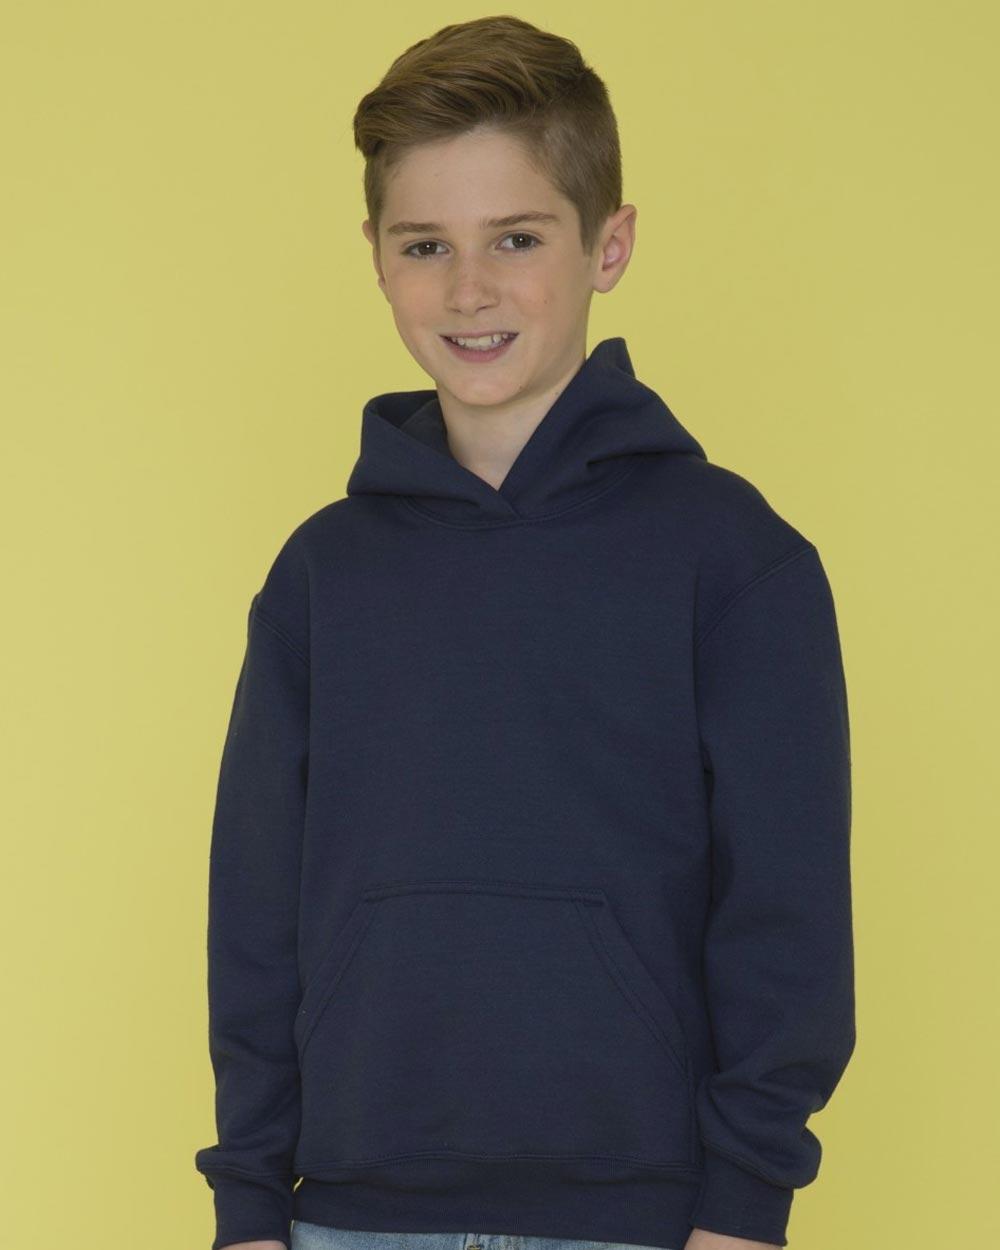 ATC Y2500 - Everyday Fleece Hooded Youth Sweatshirt